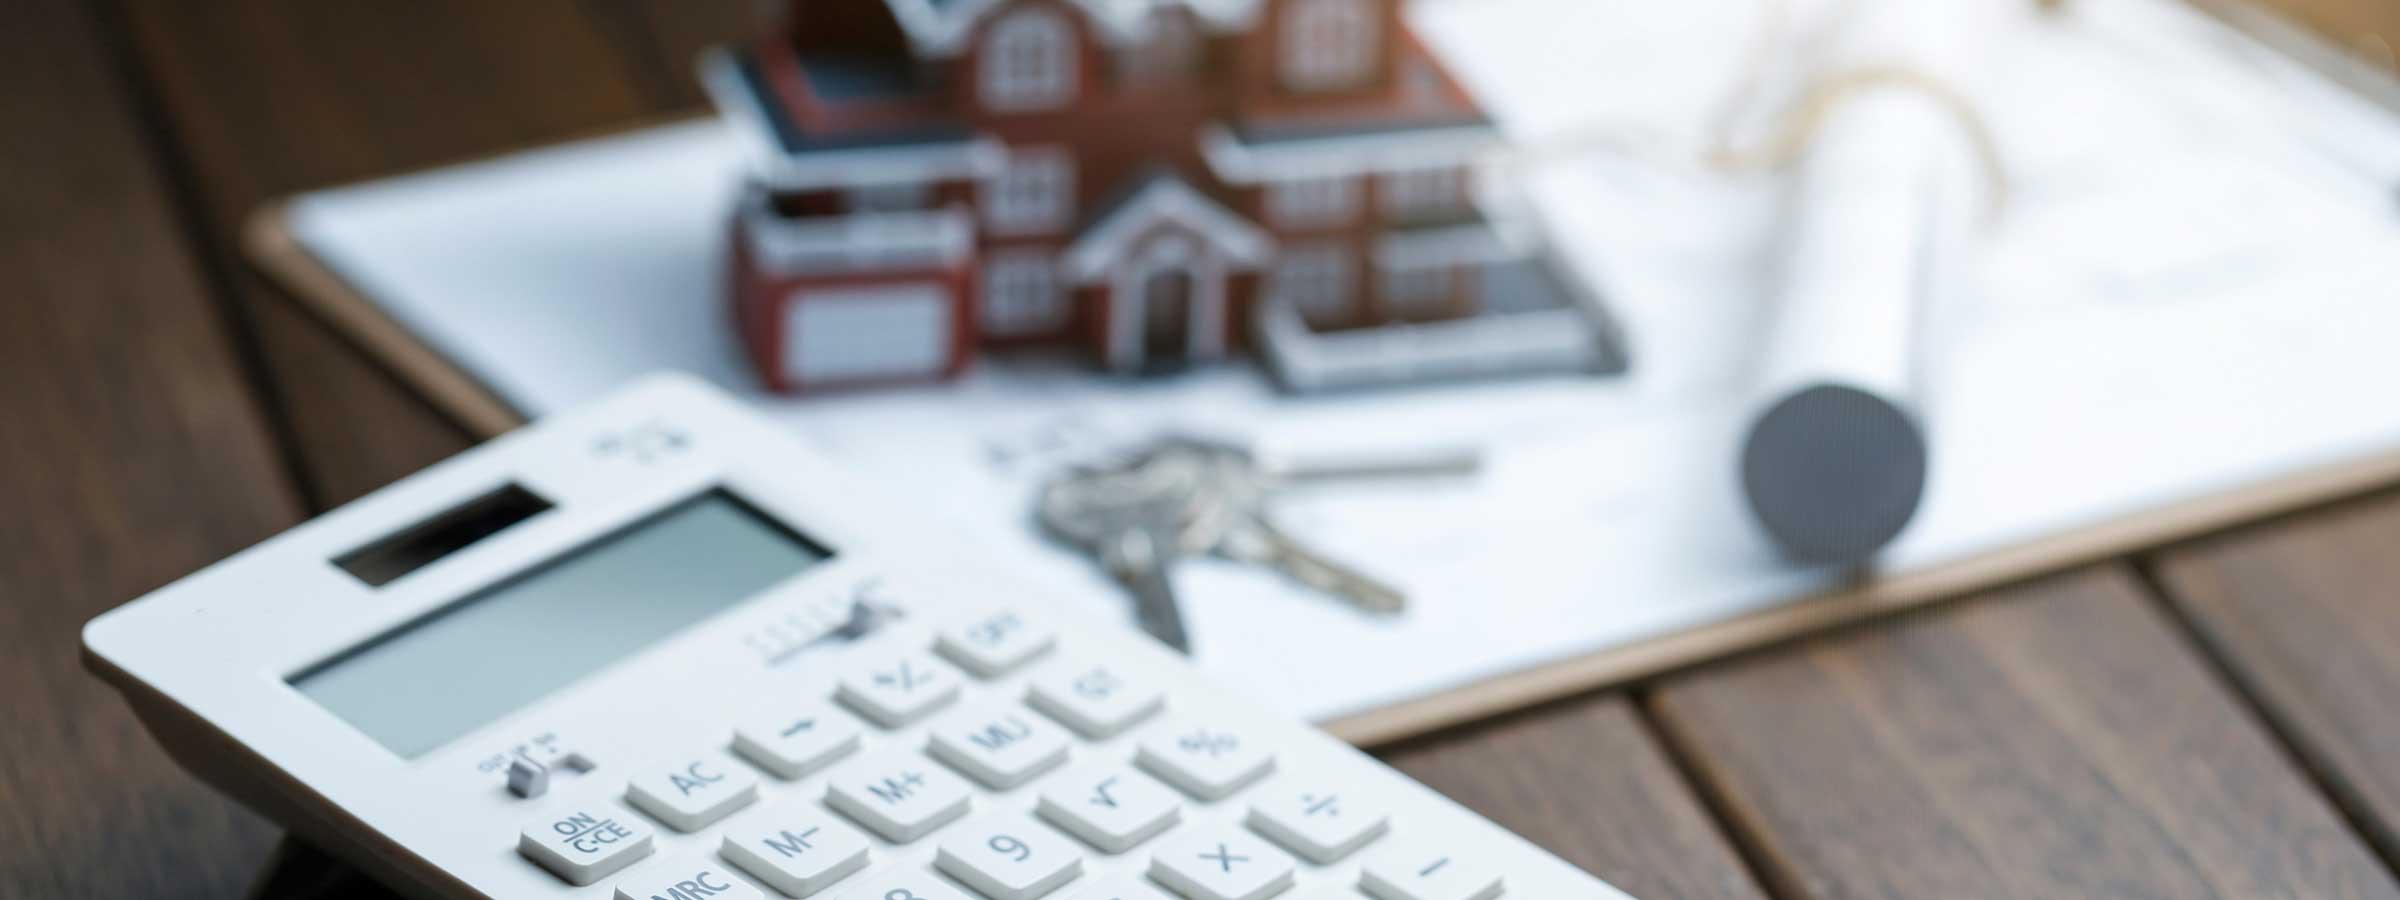 Calcolatrice adagiata sul pavimento con un modellino di casa e un mazzo di chiavi